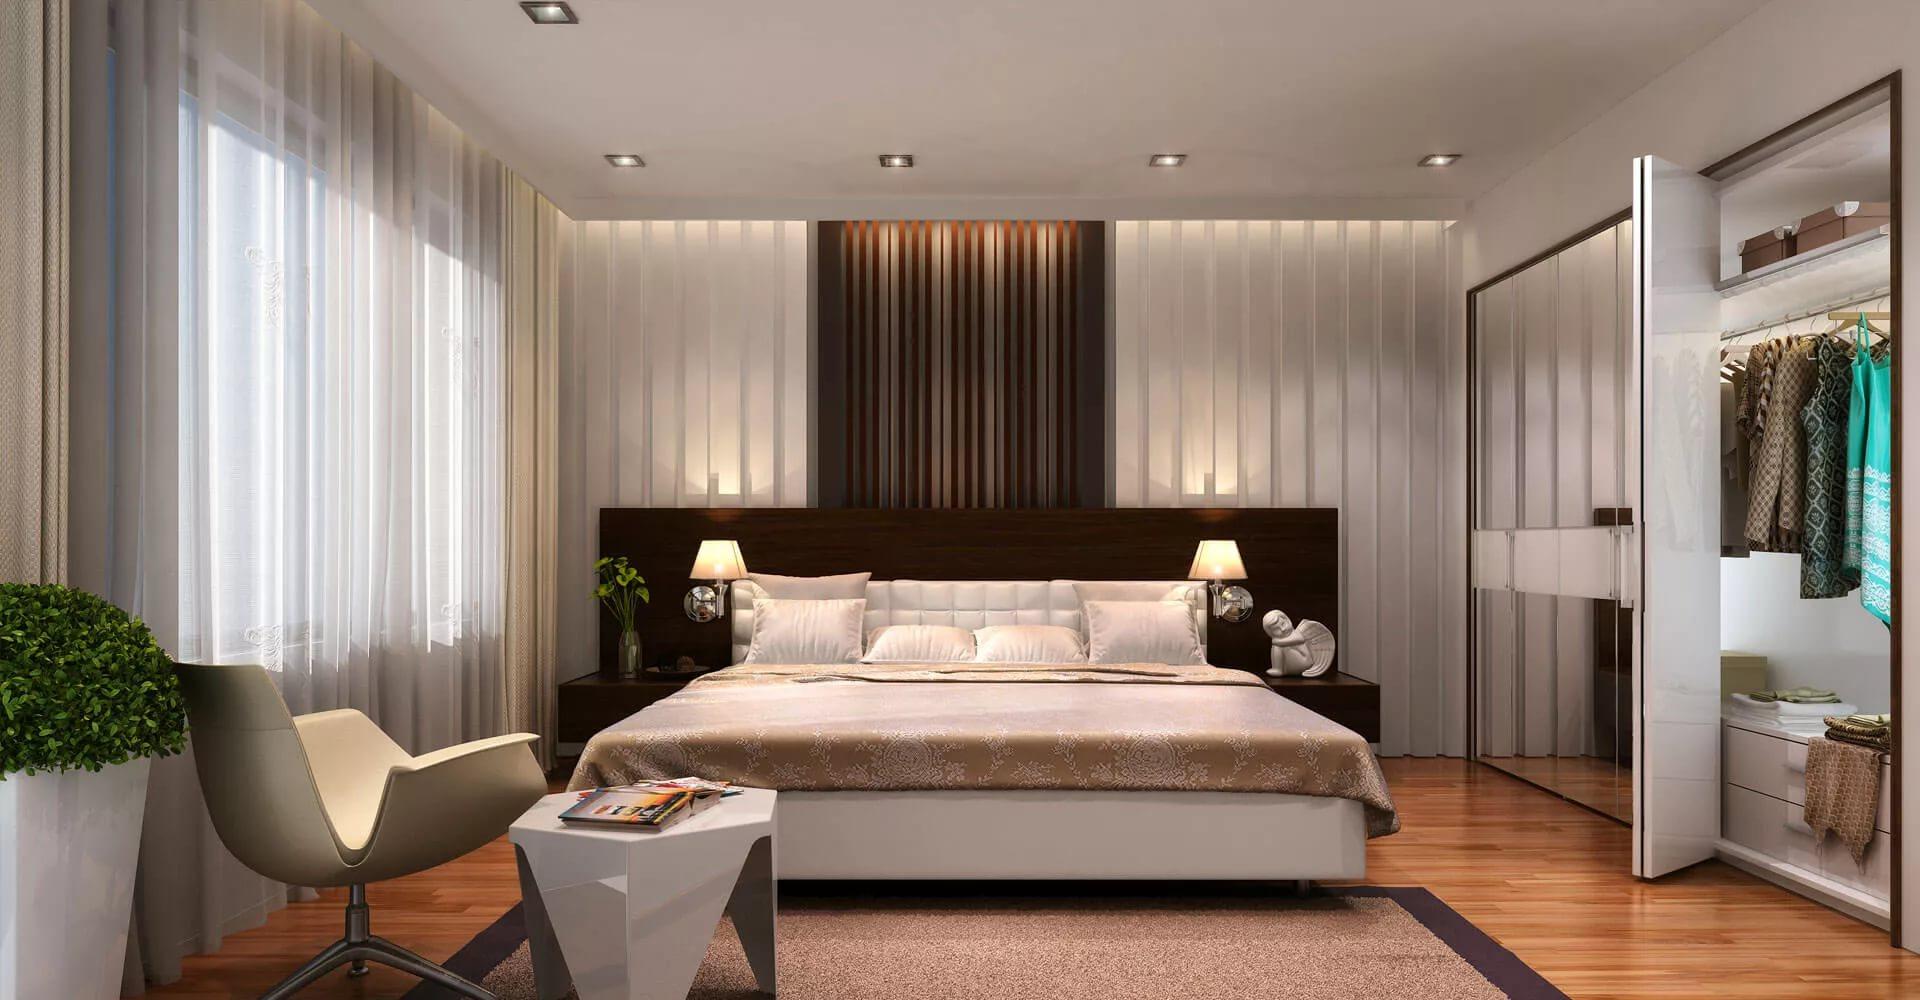 фото модных дизайнов квартир заменяет зарядку